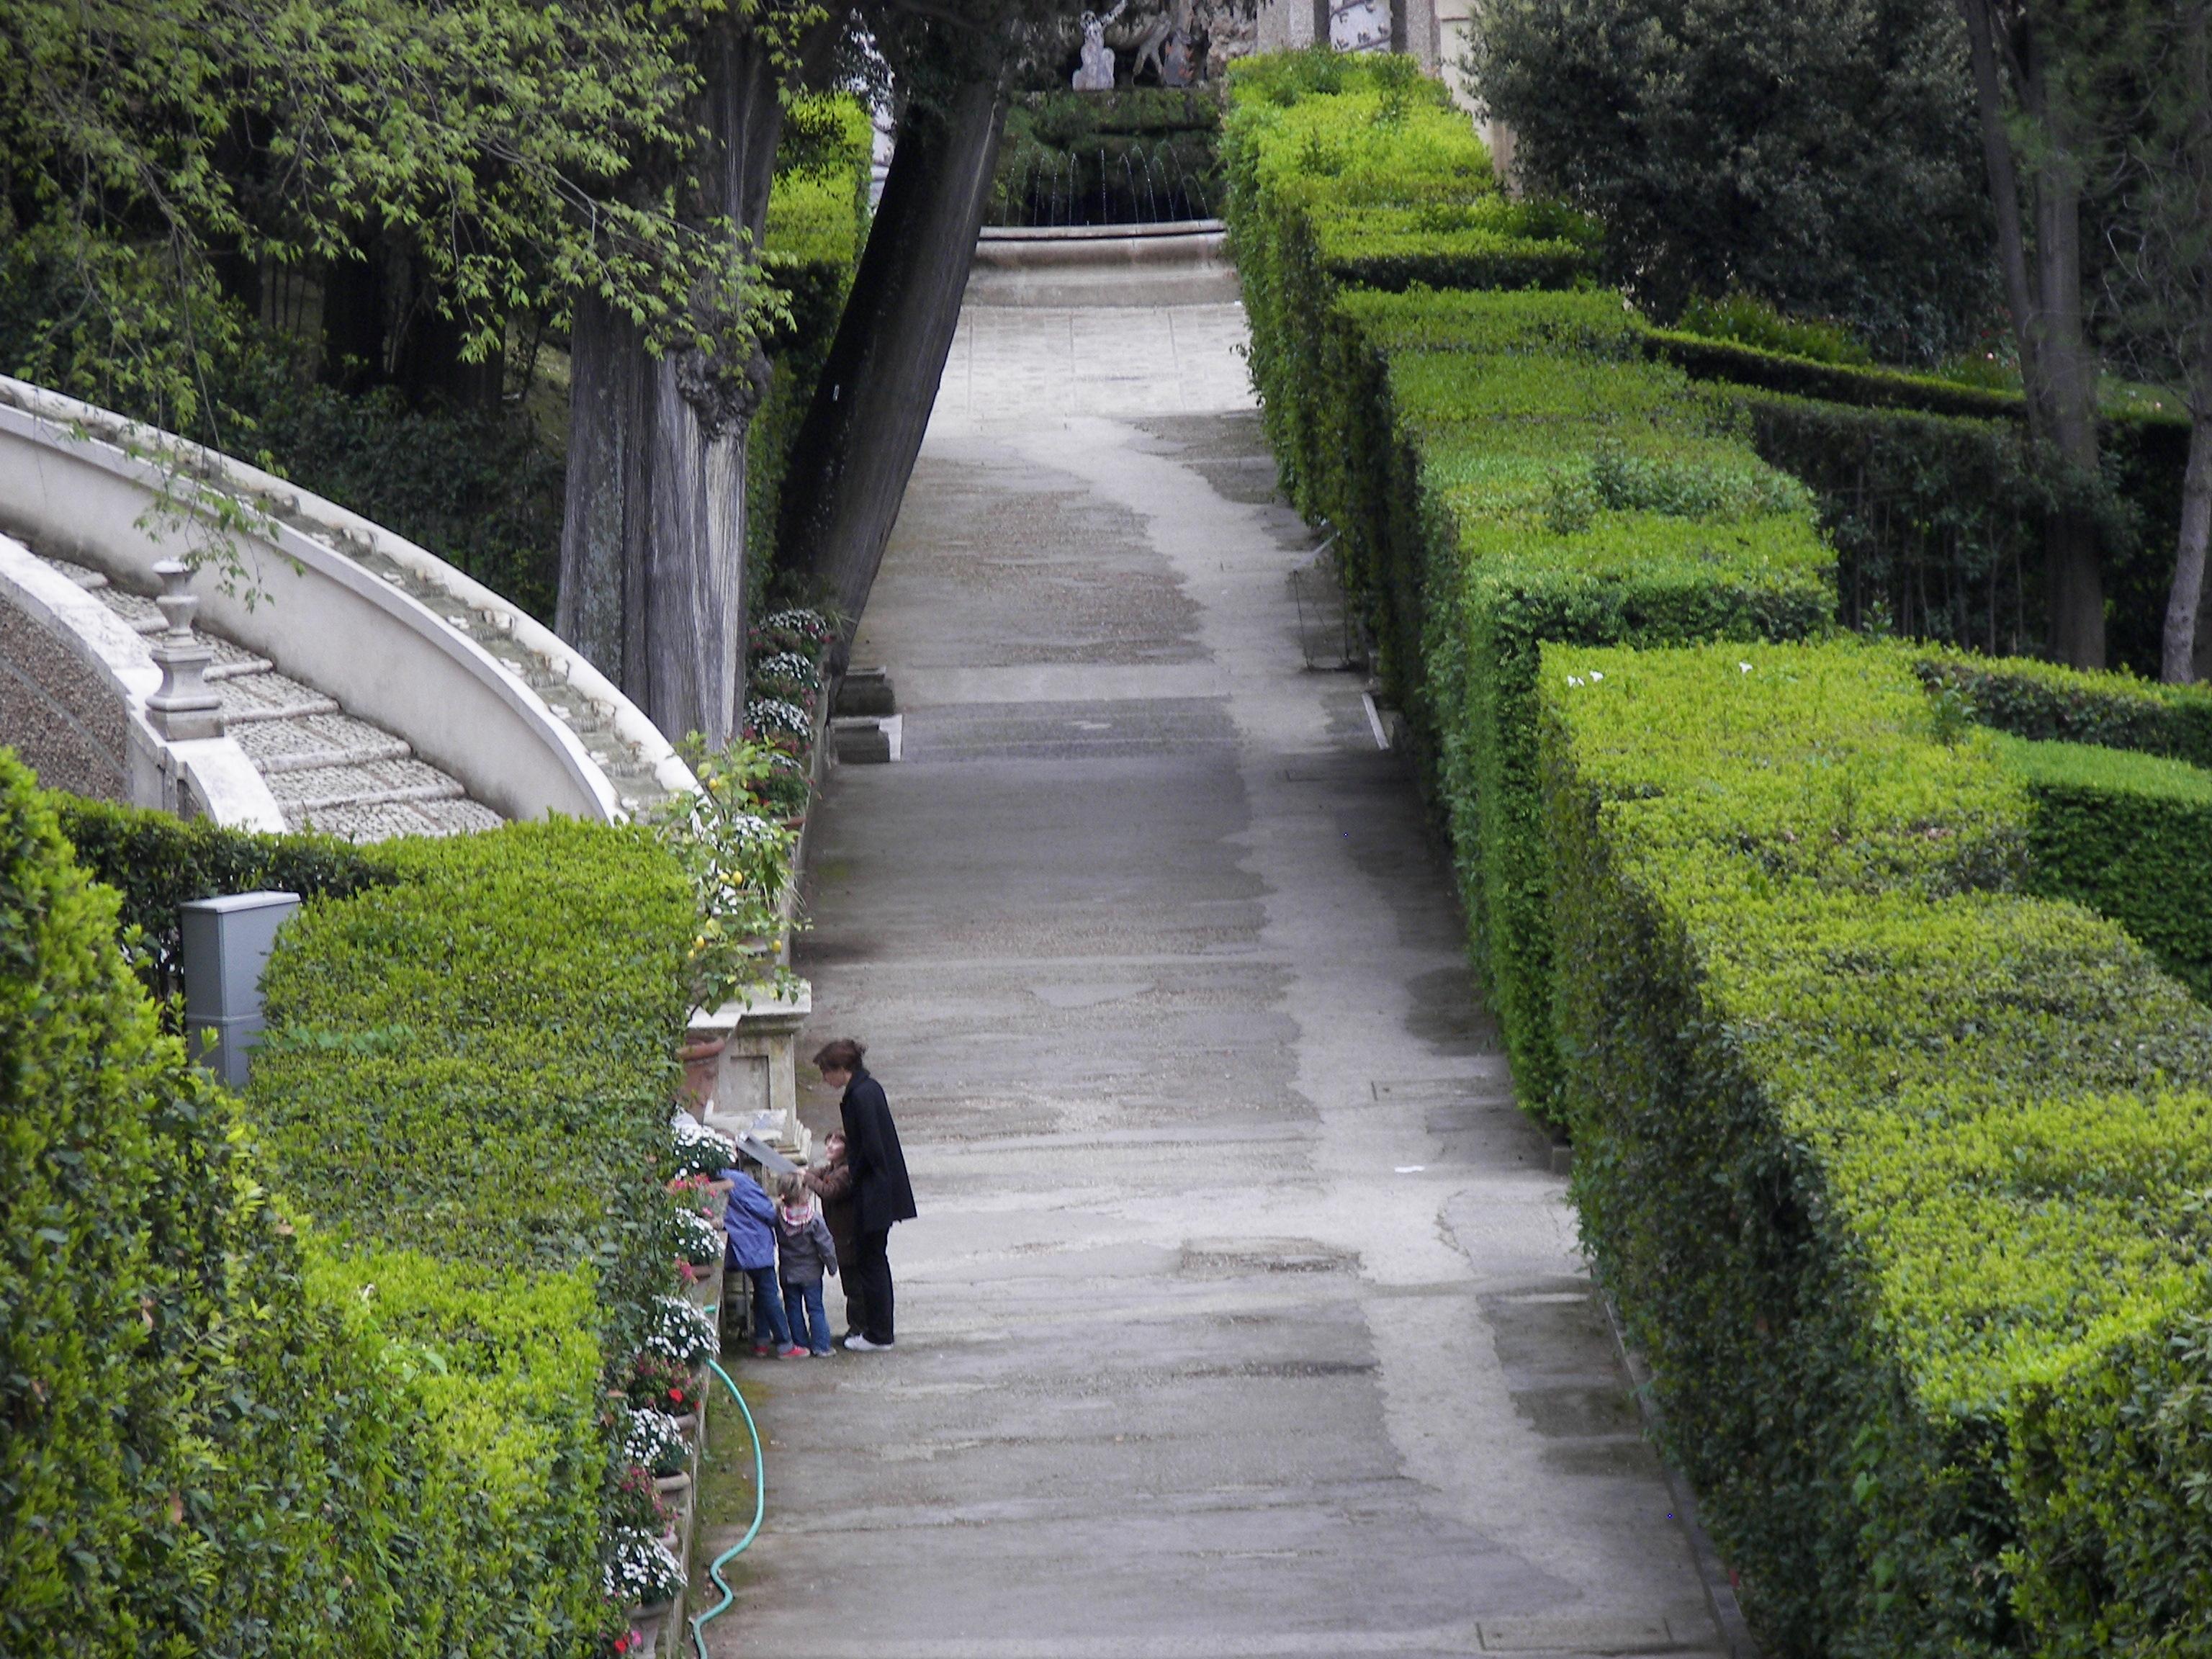 Villa d este gardens garden ftempo Driver license office miami gardens